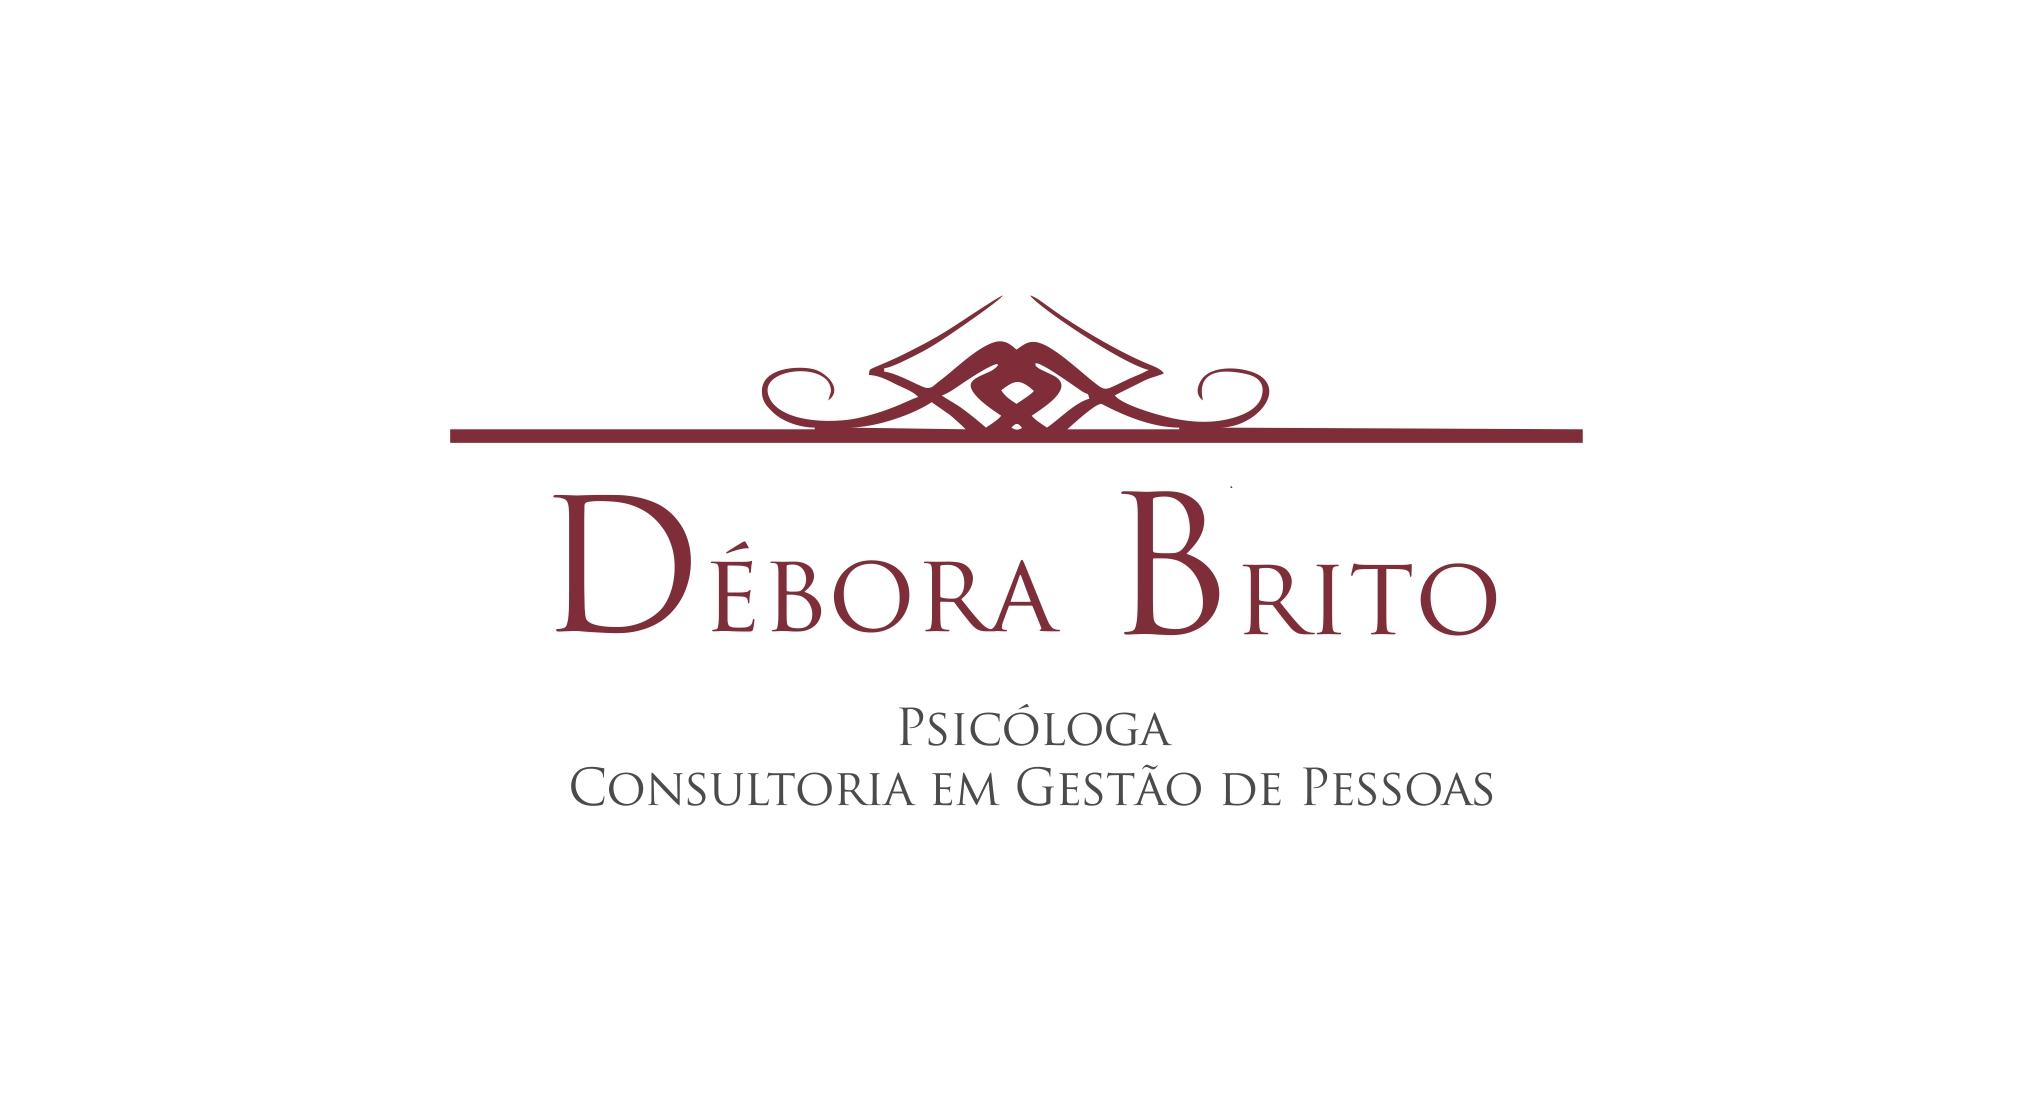 Débora Brito